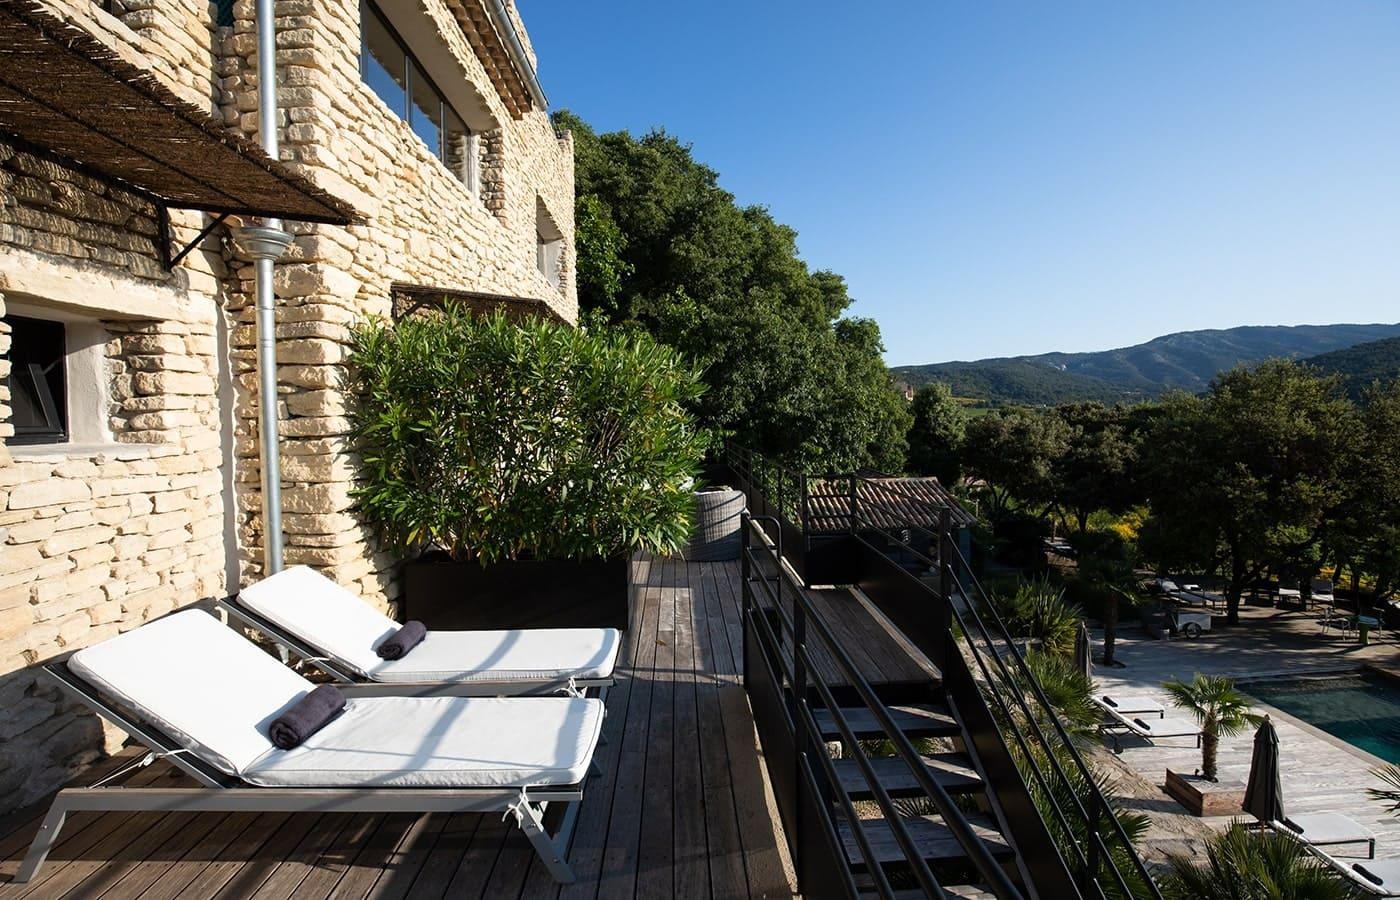 Hotel de charme au calme absolu - Mont Ventoux